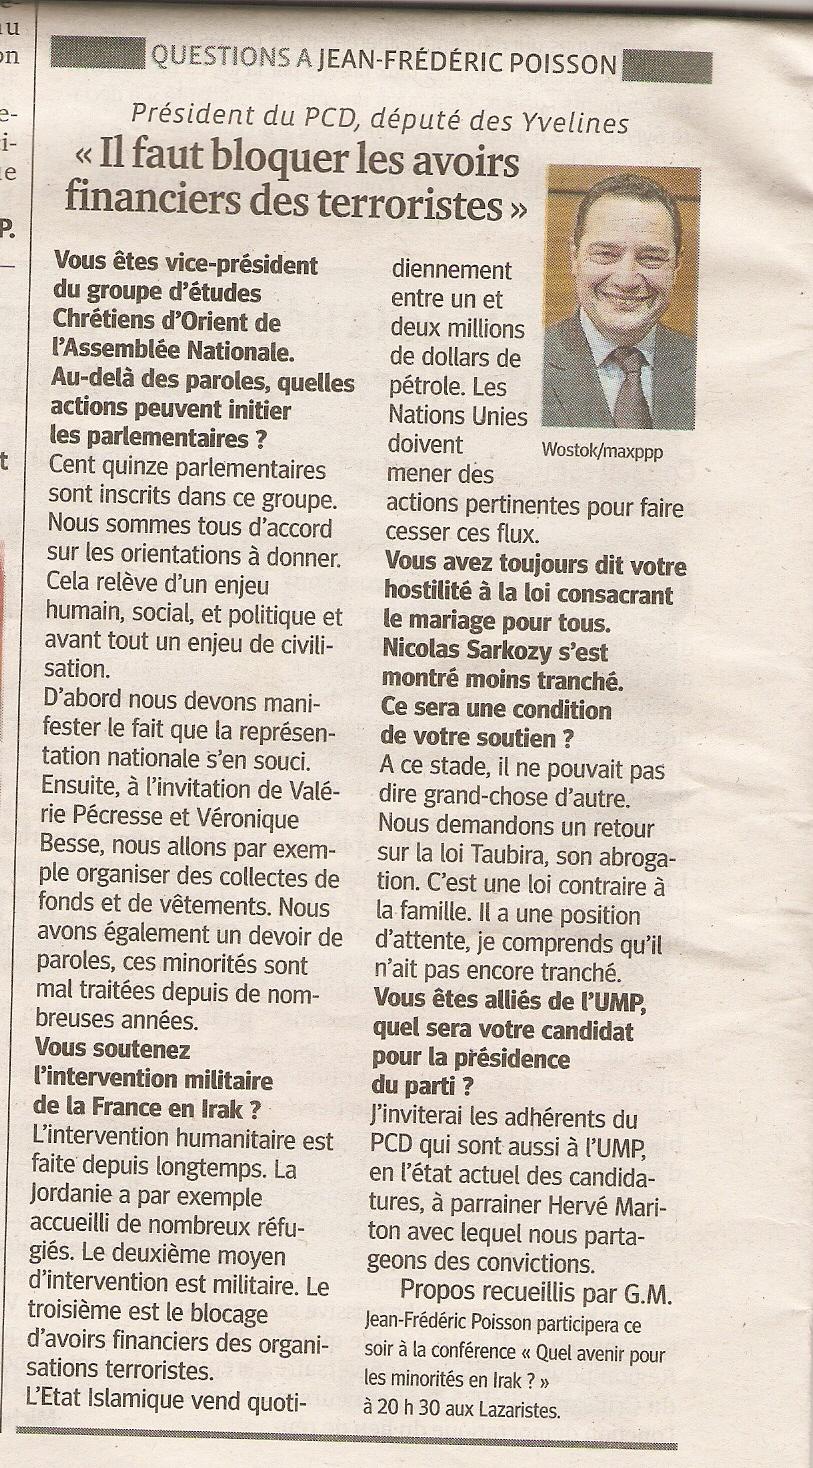 Le Progres JFP_2014 09 24